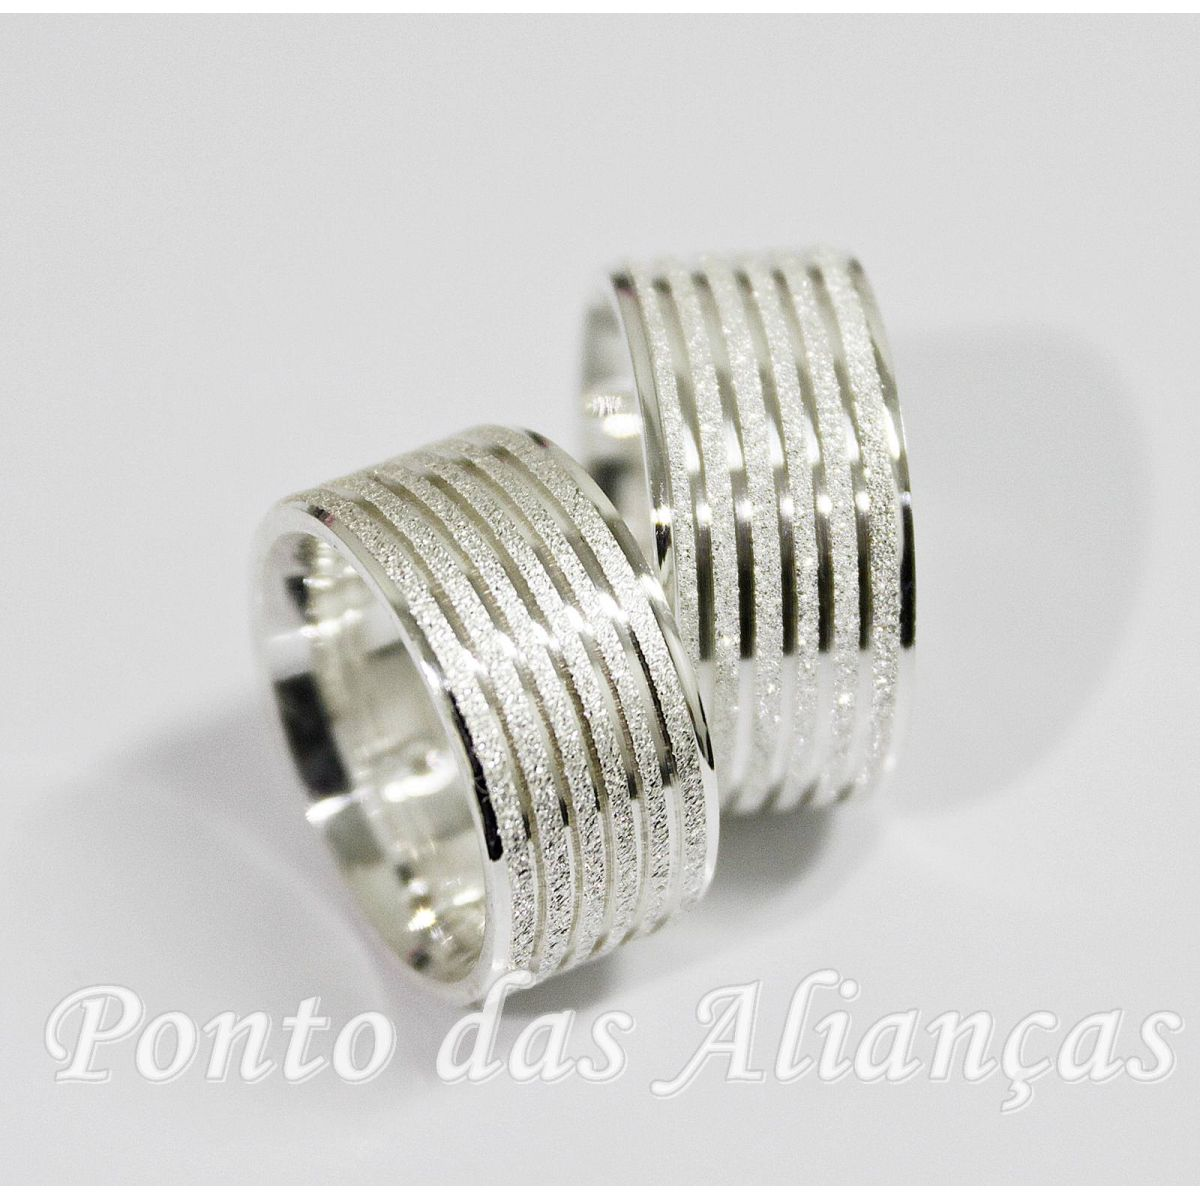 Alianças de Prata Compromisso - 3069